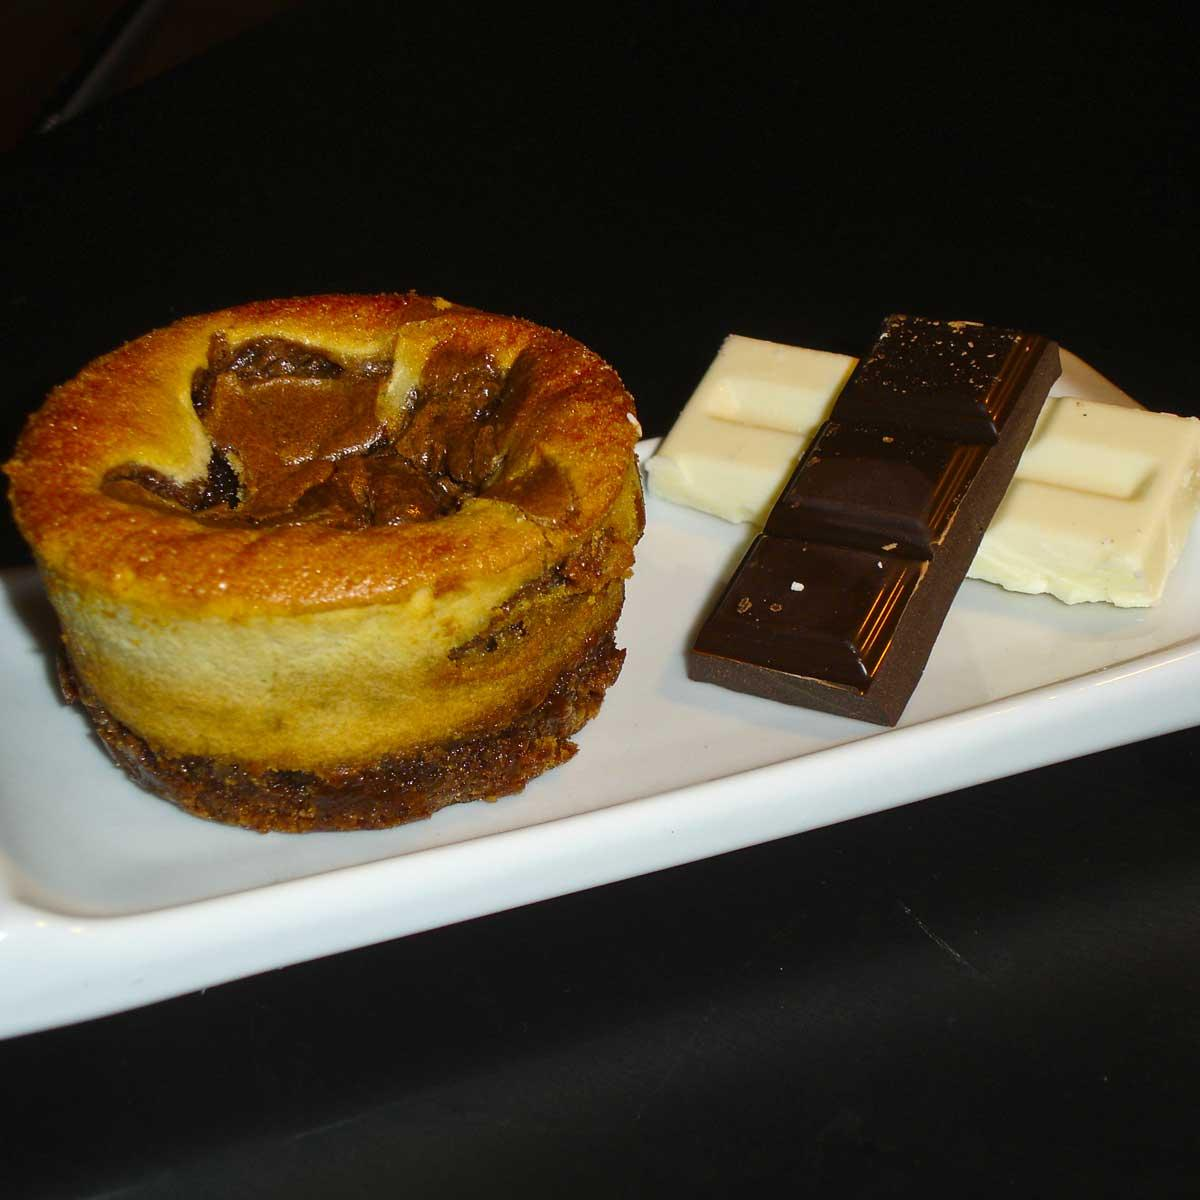 Recette gâteau noir et blanc aux deux chocolats - Cuisine /...